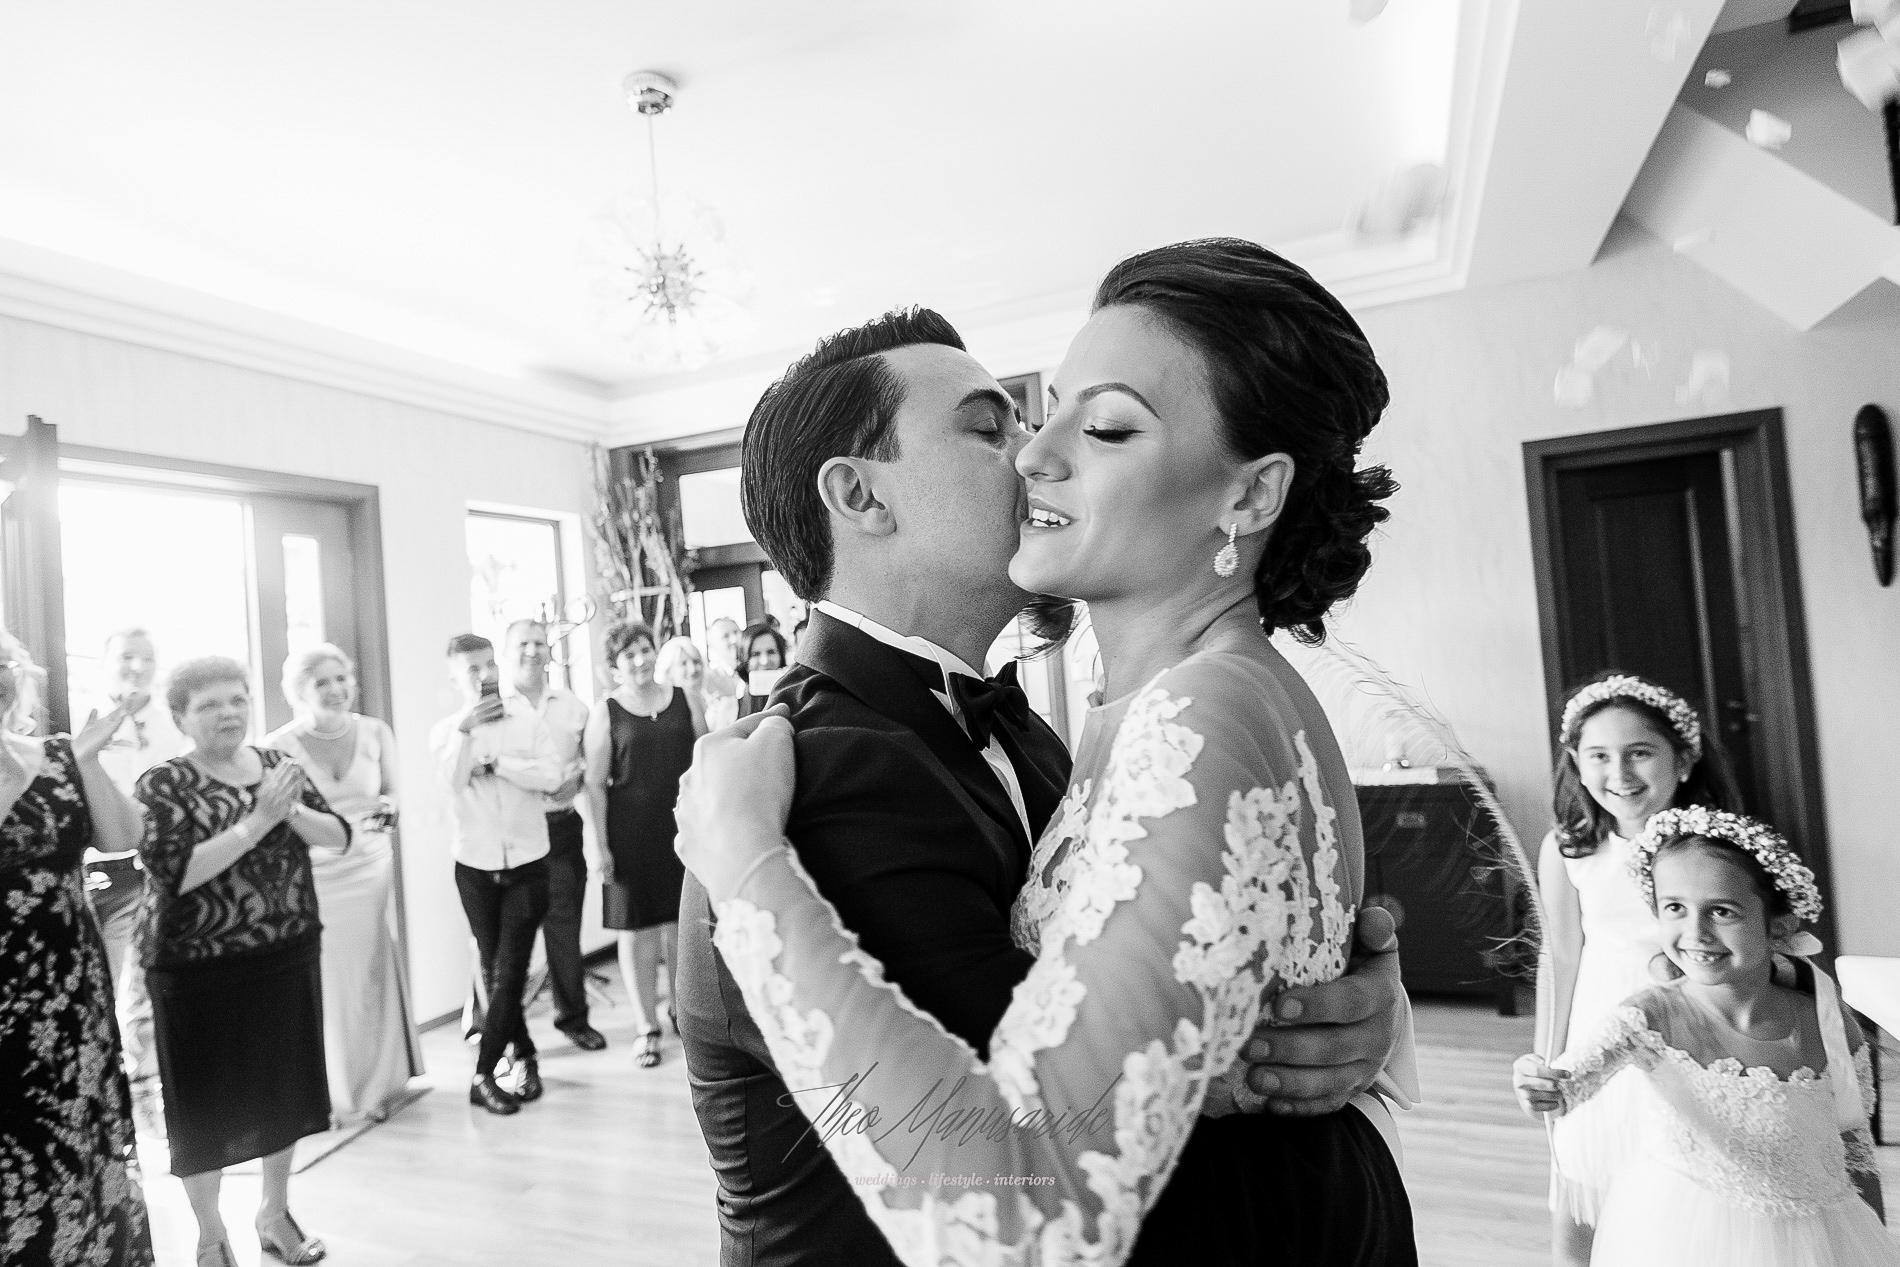 fotograf nunta biavati events-20-2